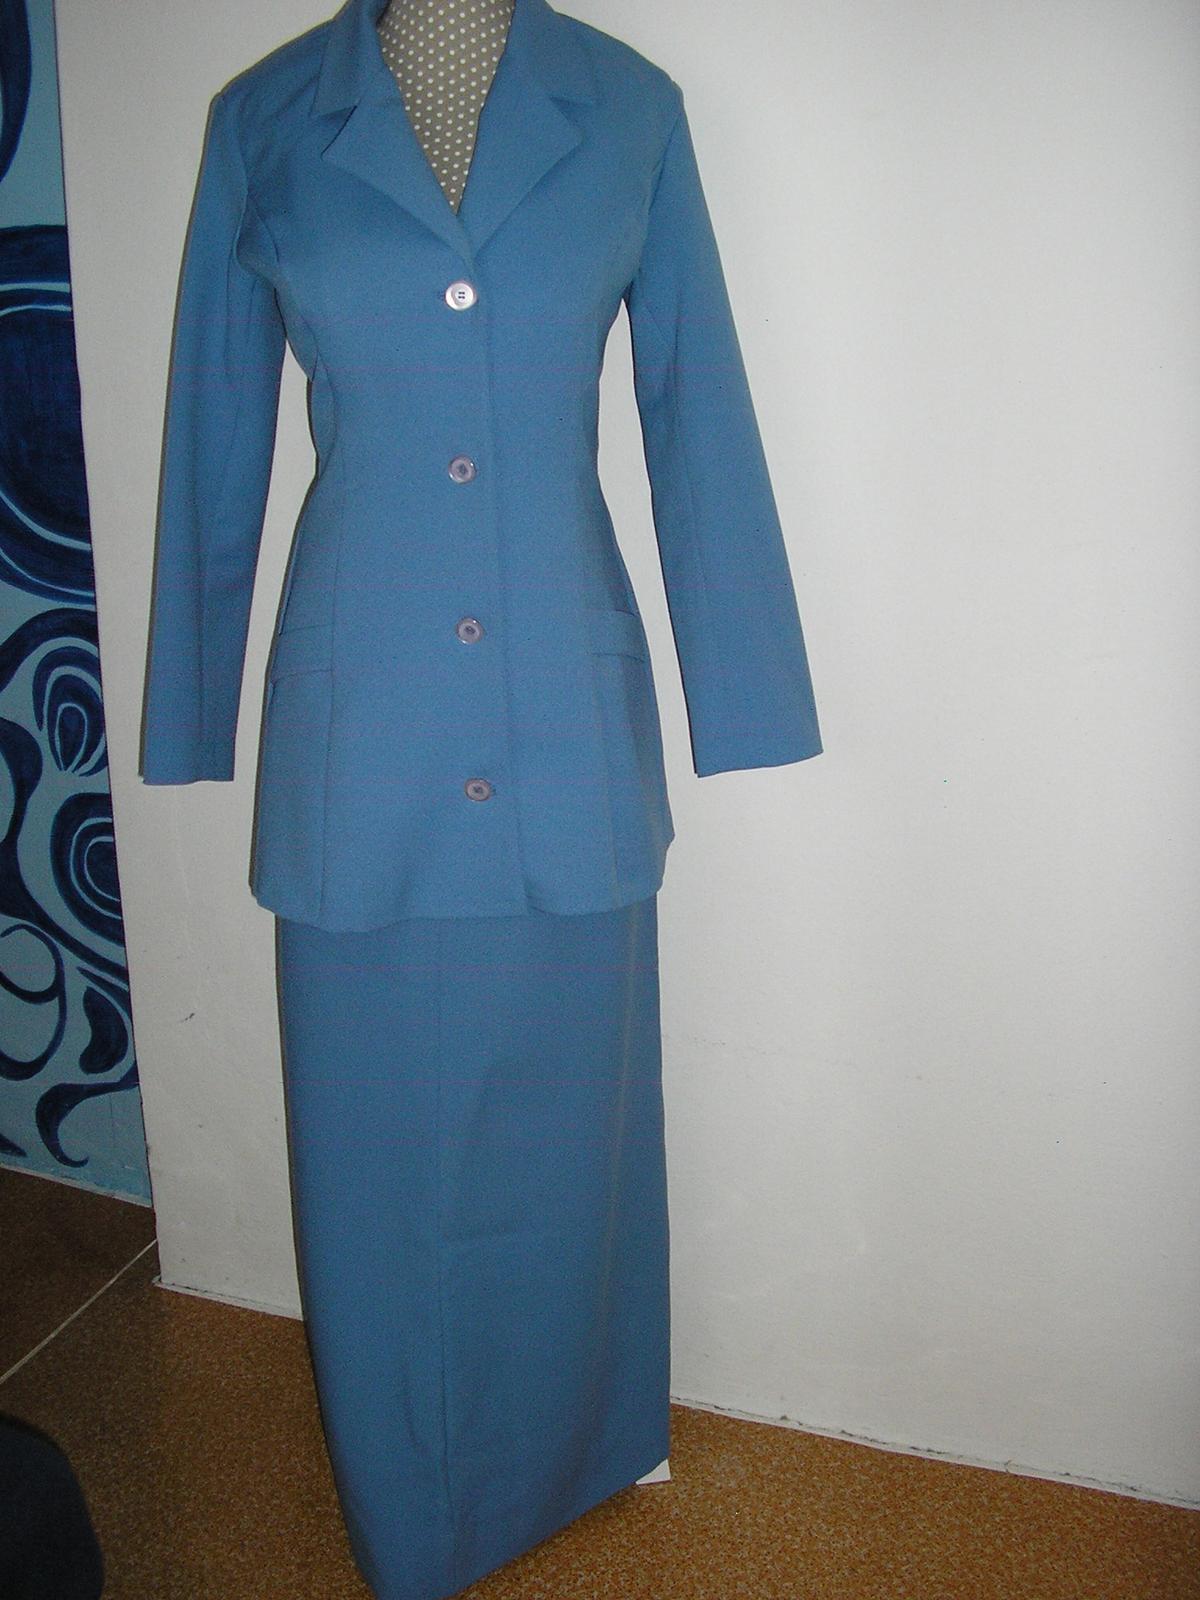 854. 2 dielne dlhé modré šaty - Obrázok č. 1